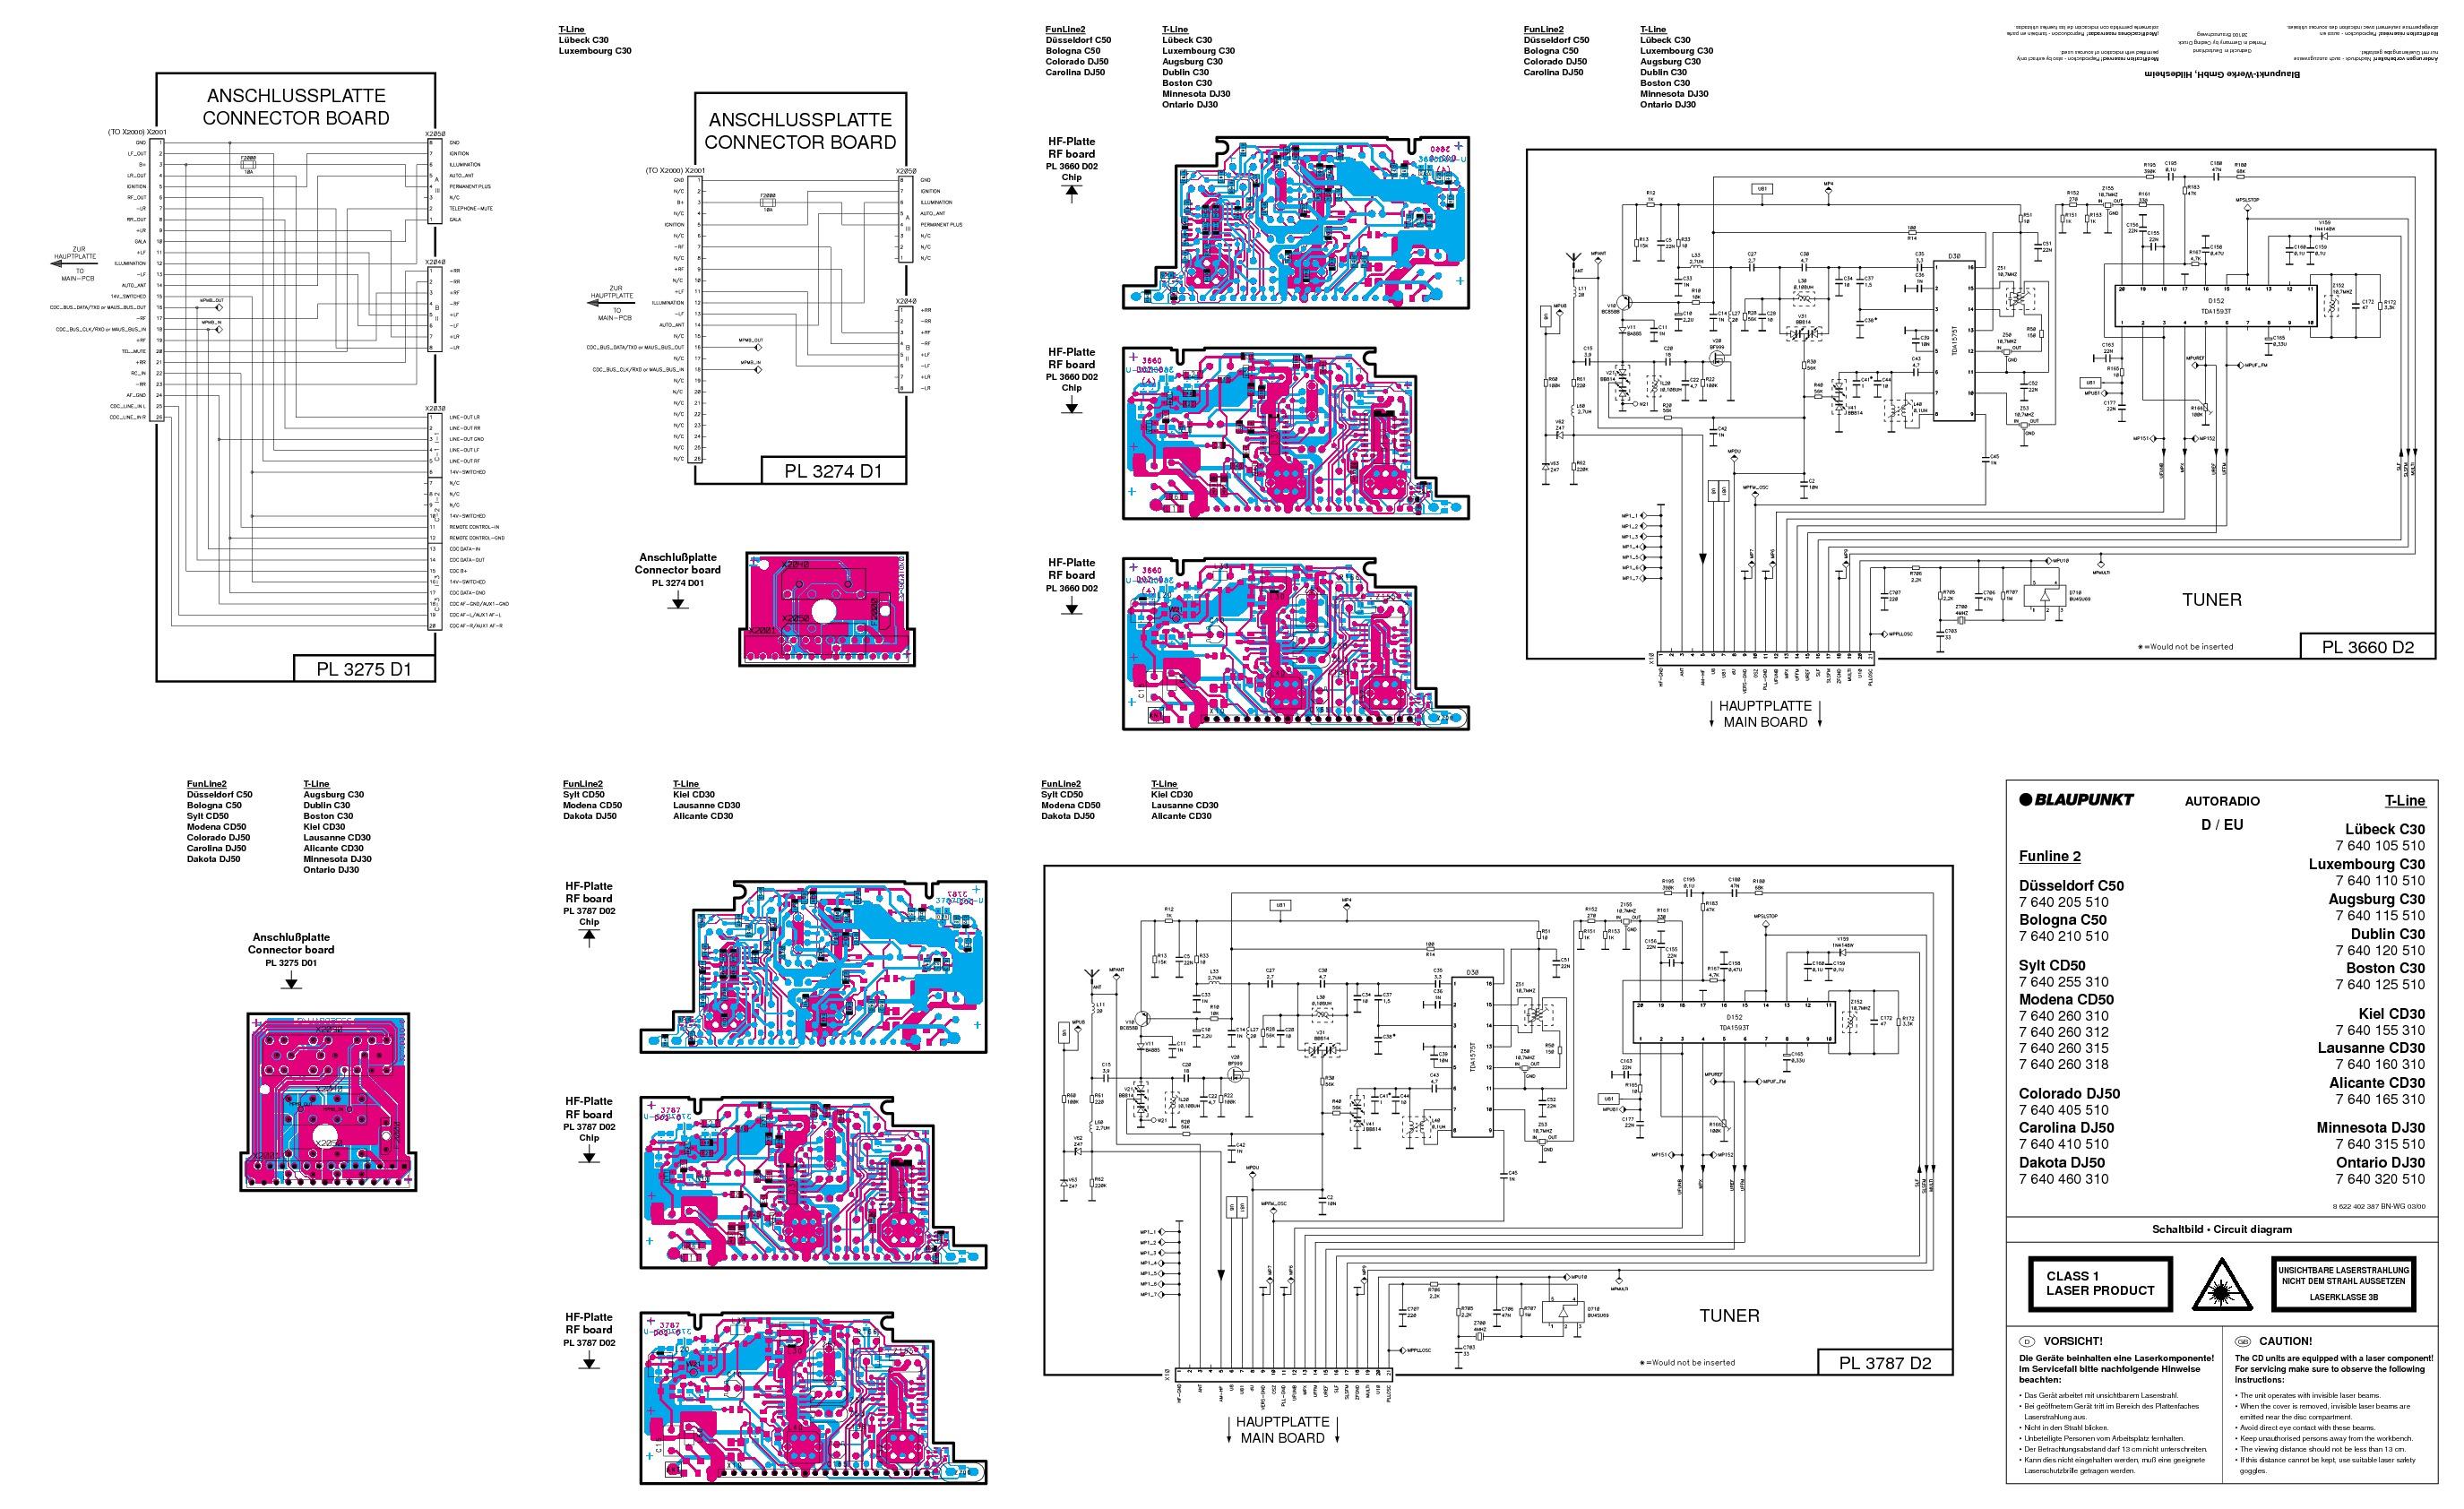 Blaupunkt Kiel Cd30 Pdf Blaupunkt  U2013 Diagramasde Com  U2013 Diagramas Electronicos Y Diagramas El U00e9ctricos